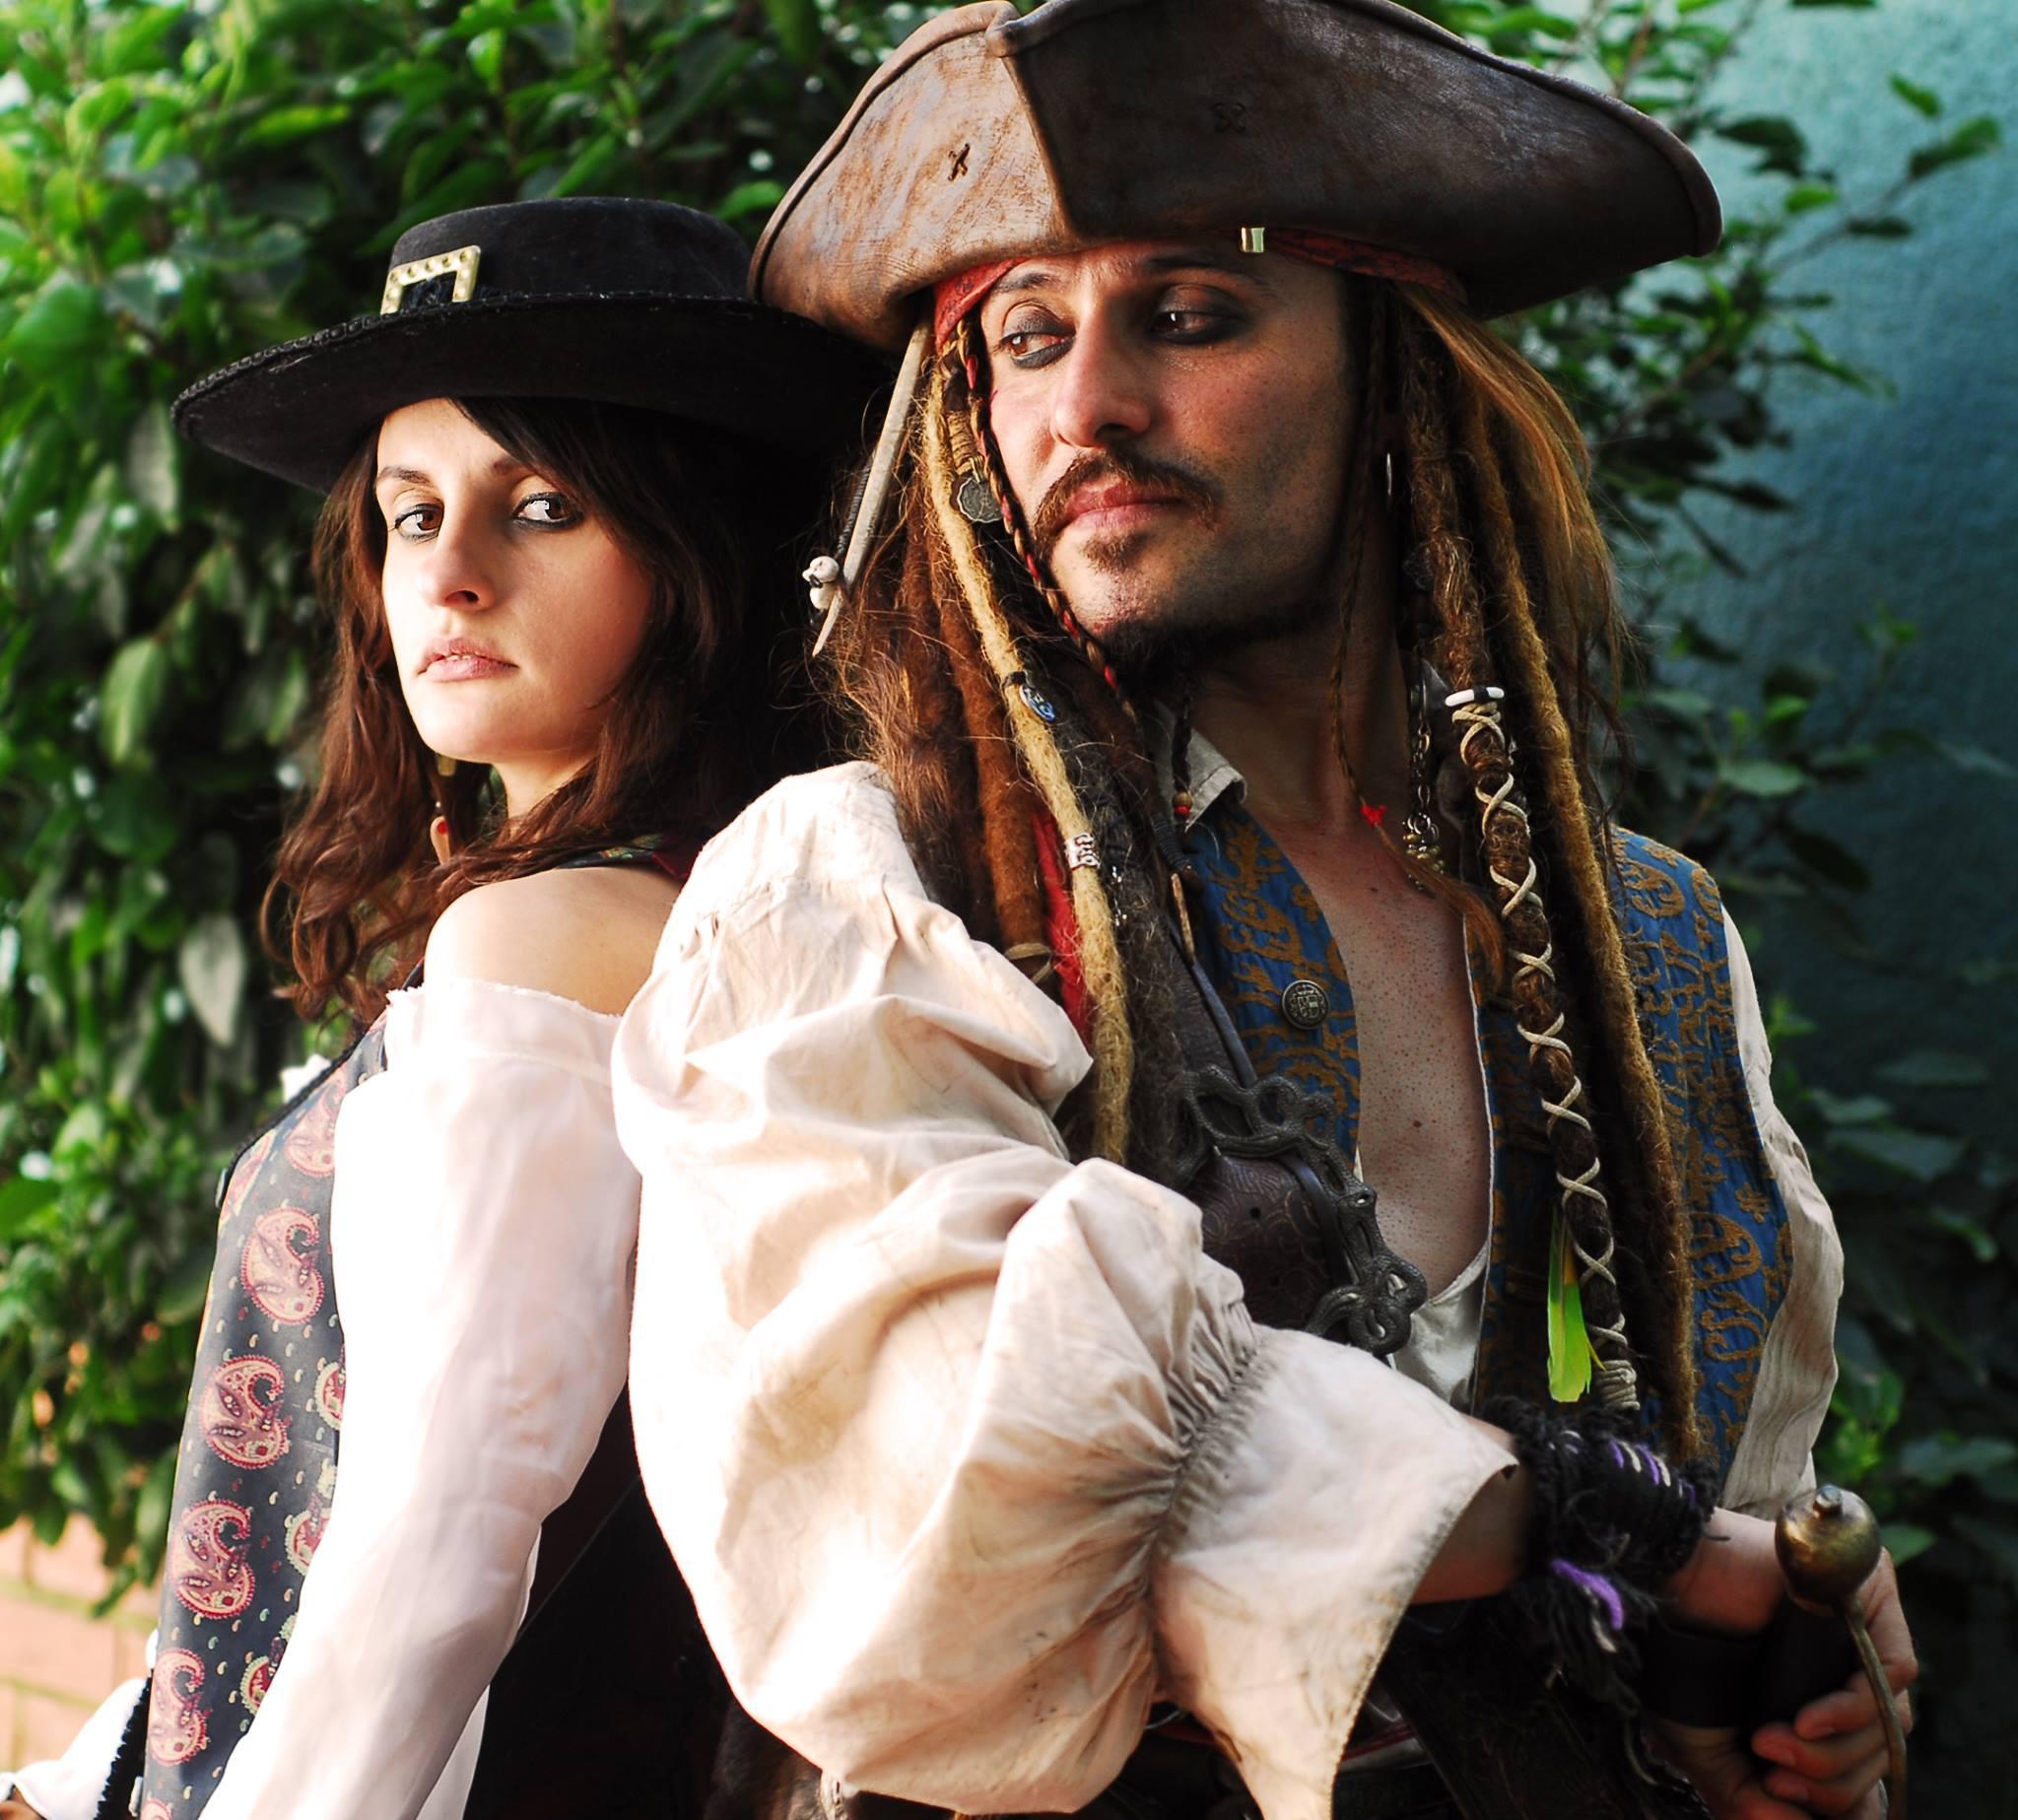 Nữ cướp biển xinh đẹp Angelica Teach - Hình 4